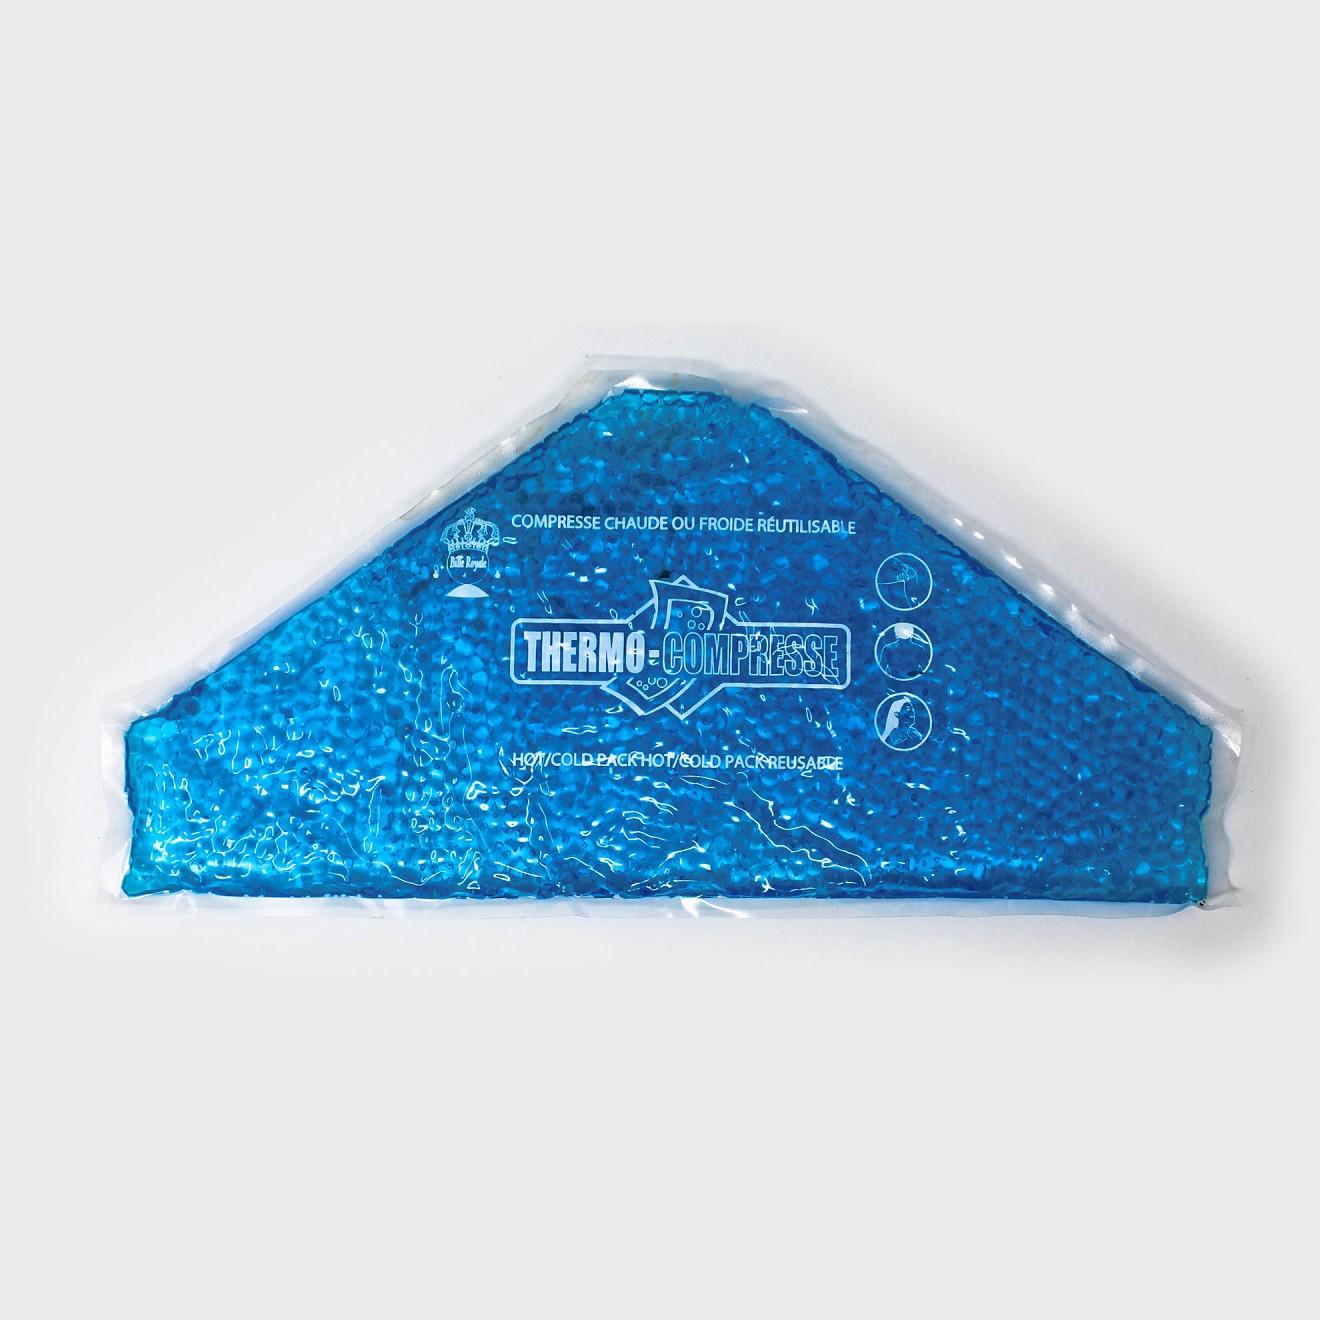 Compresse chaude ou froide pour genou 8.75''x18'' Triangle